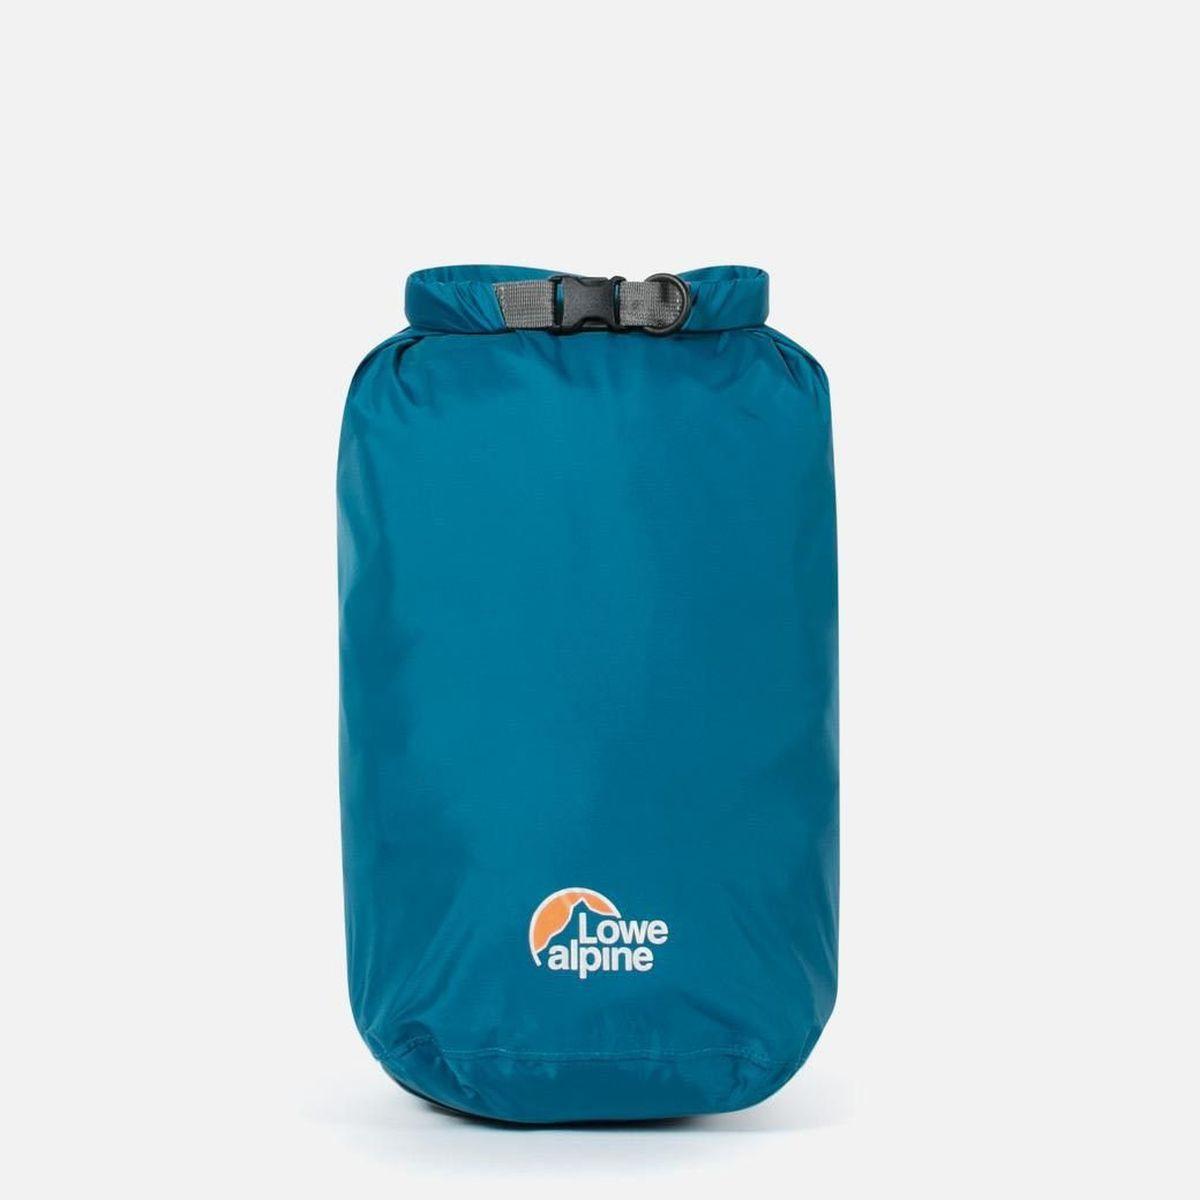 Гермочехол Lowe Alpine Drysack, FAE-55-M, синий, размер M